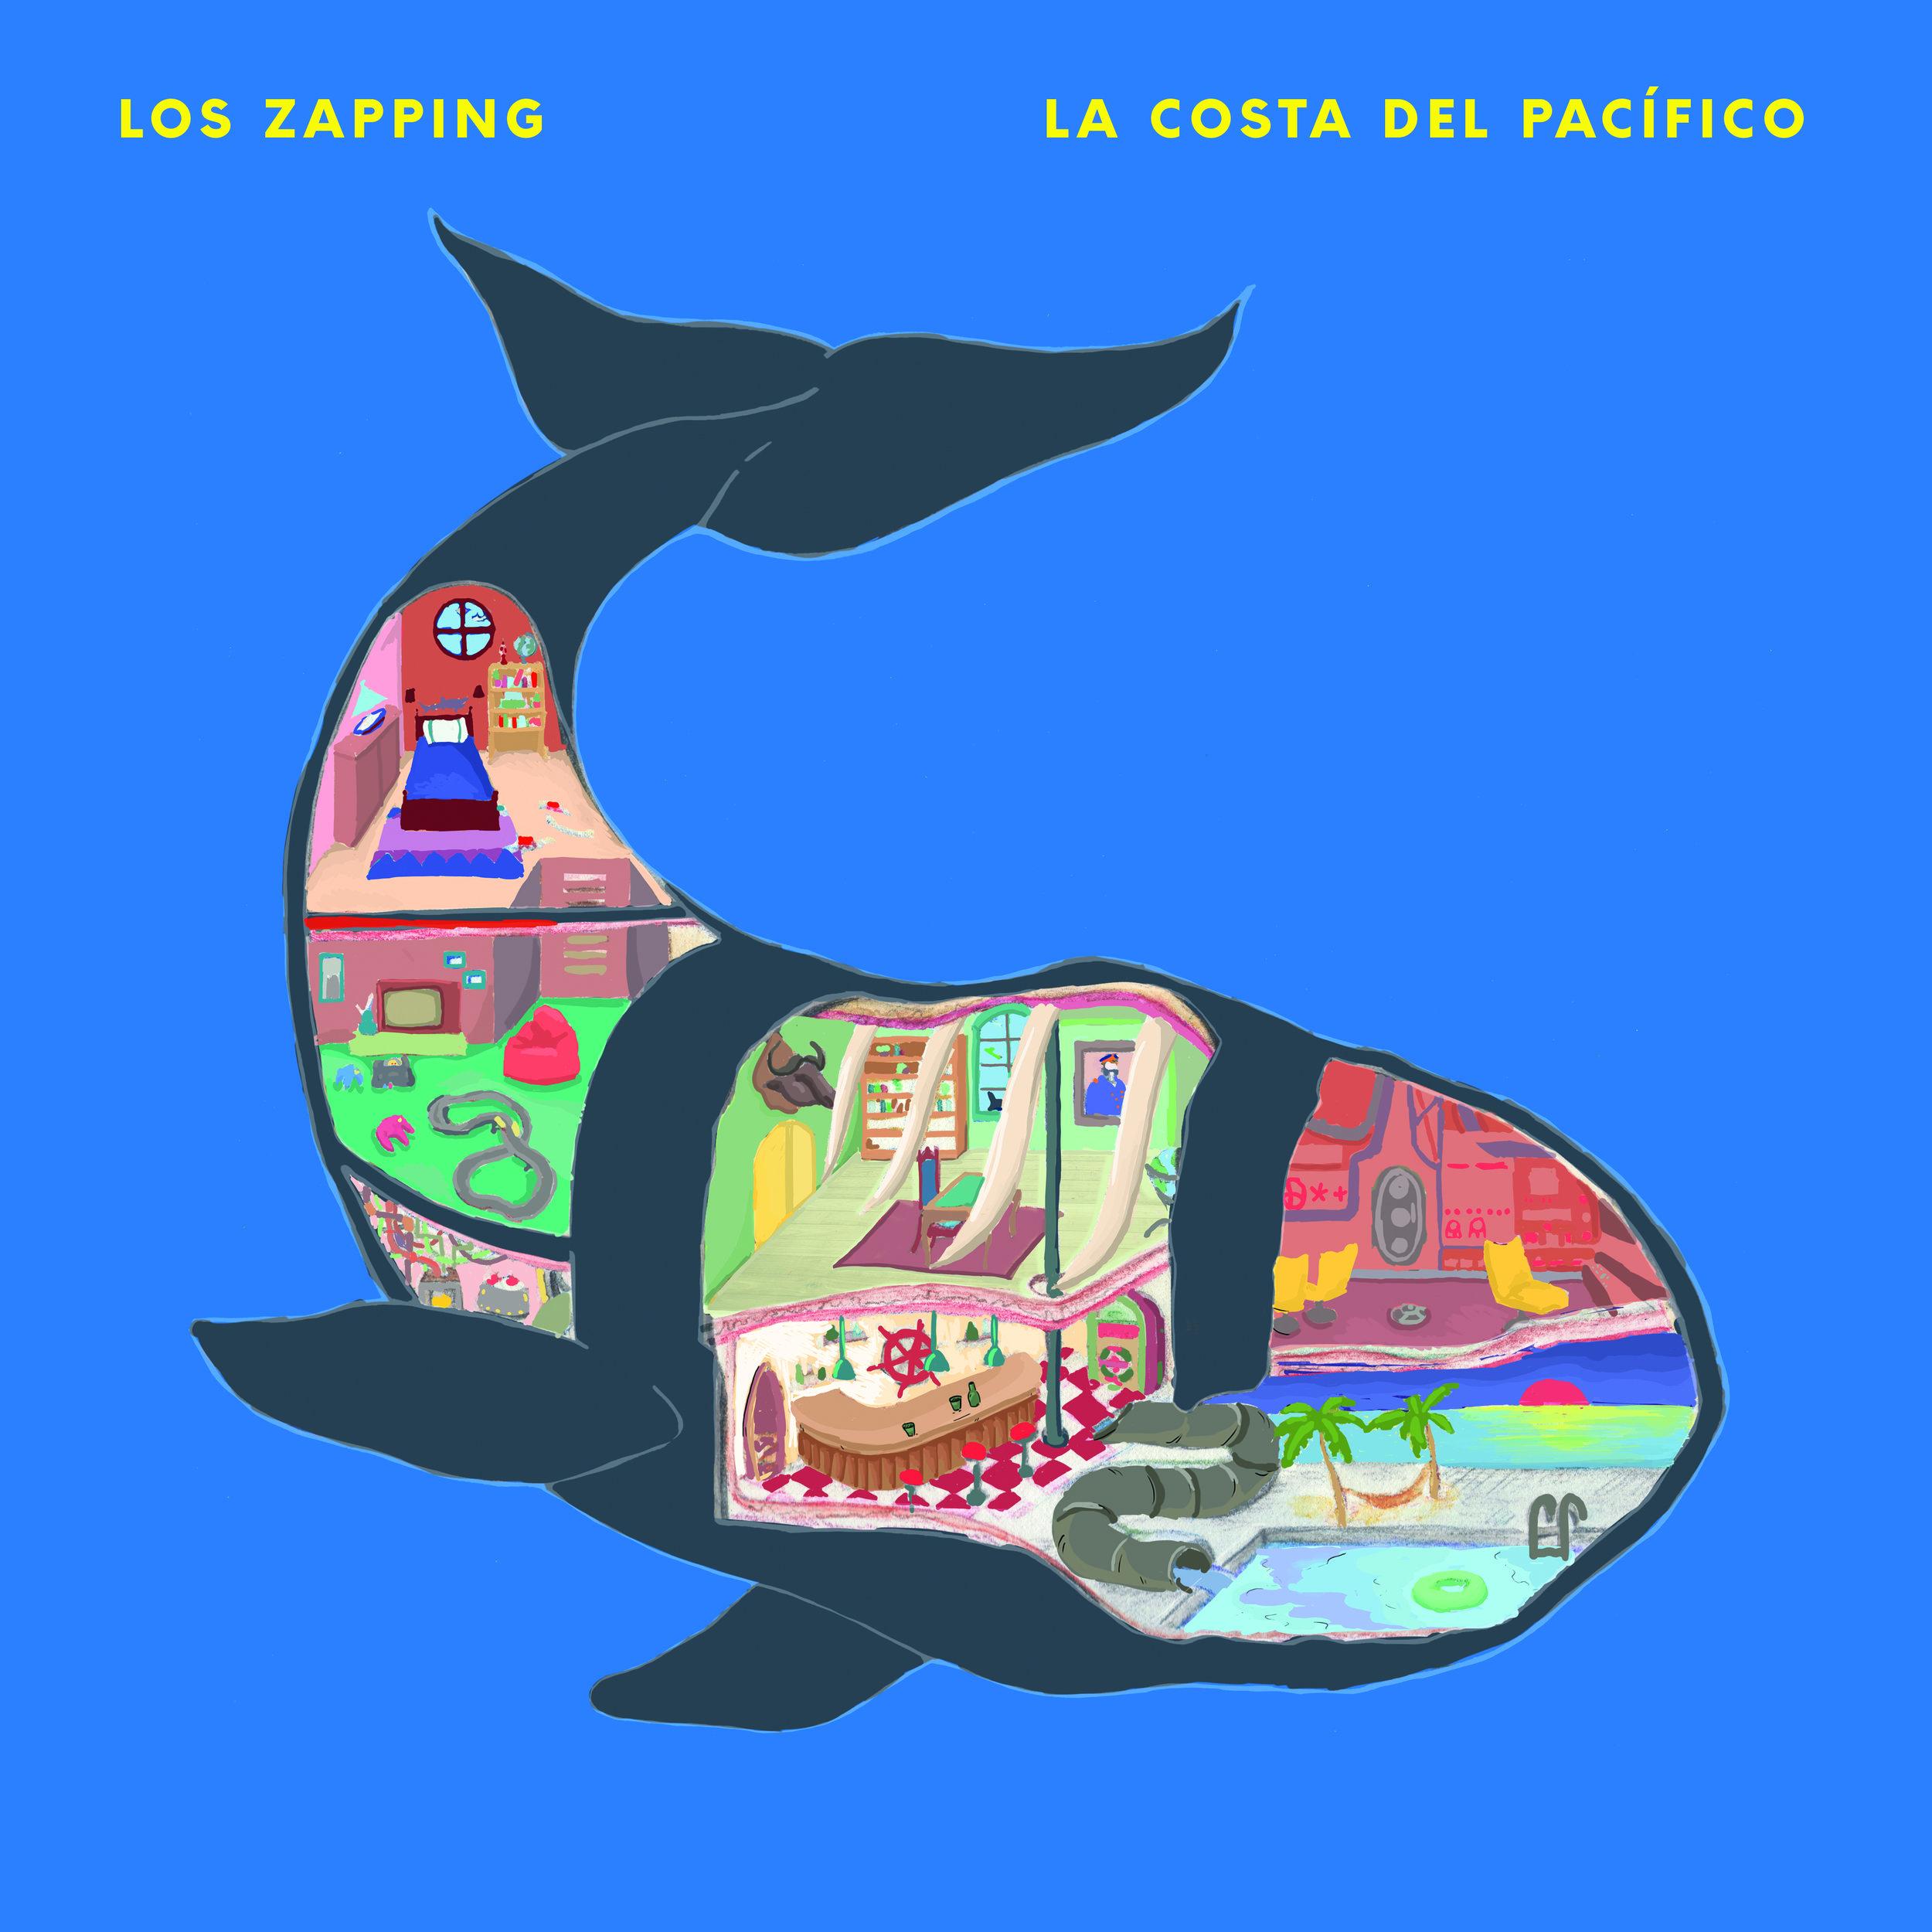 Los Zapping_LaCostadelPacifico_AAFF.jpg